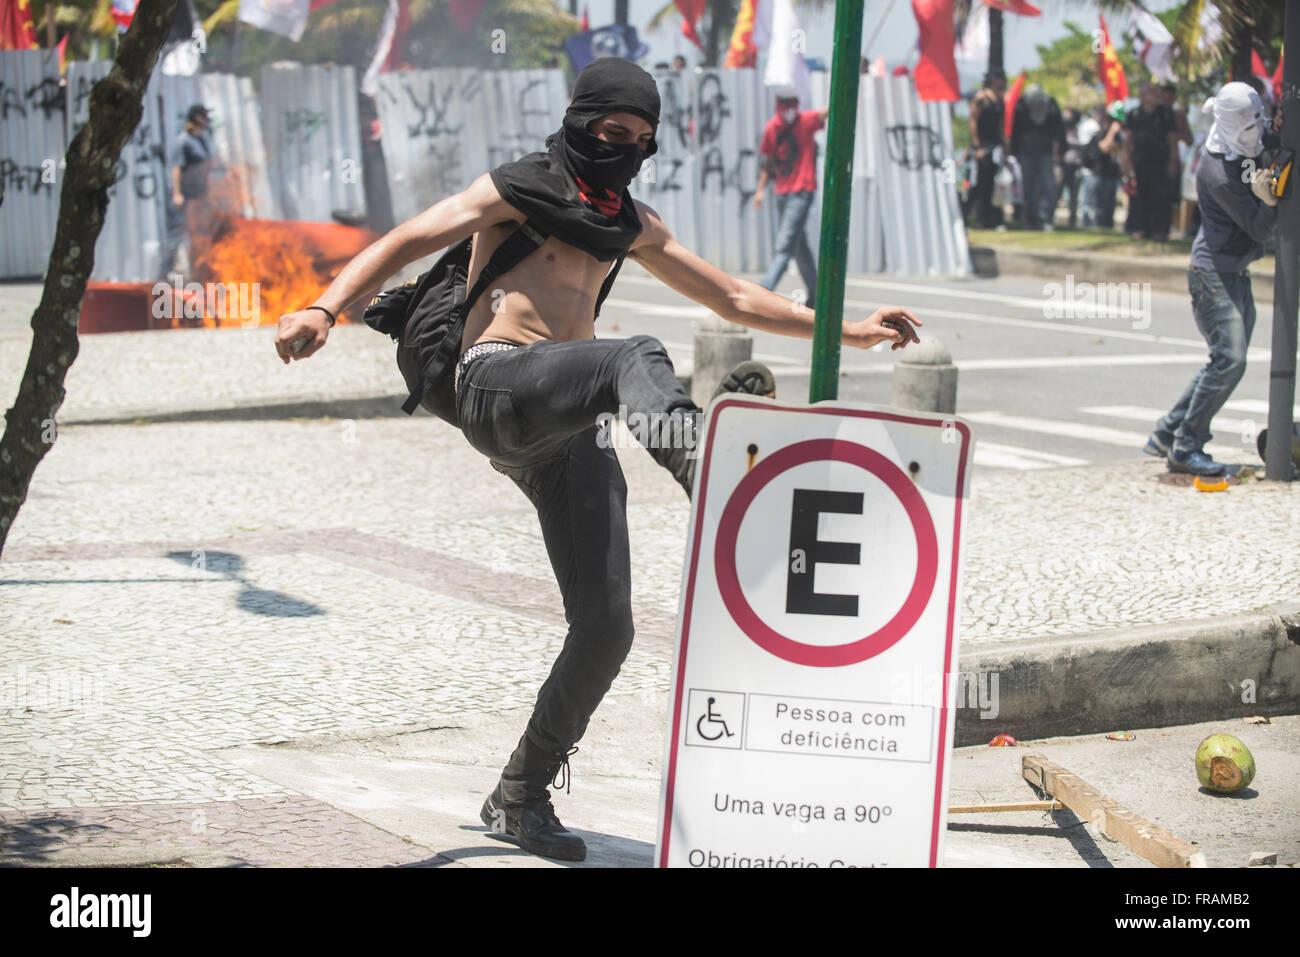 Protester breaks strada segno durante la protesta contro l'asta del campo Pound Immagini Stock